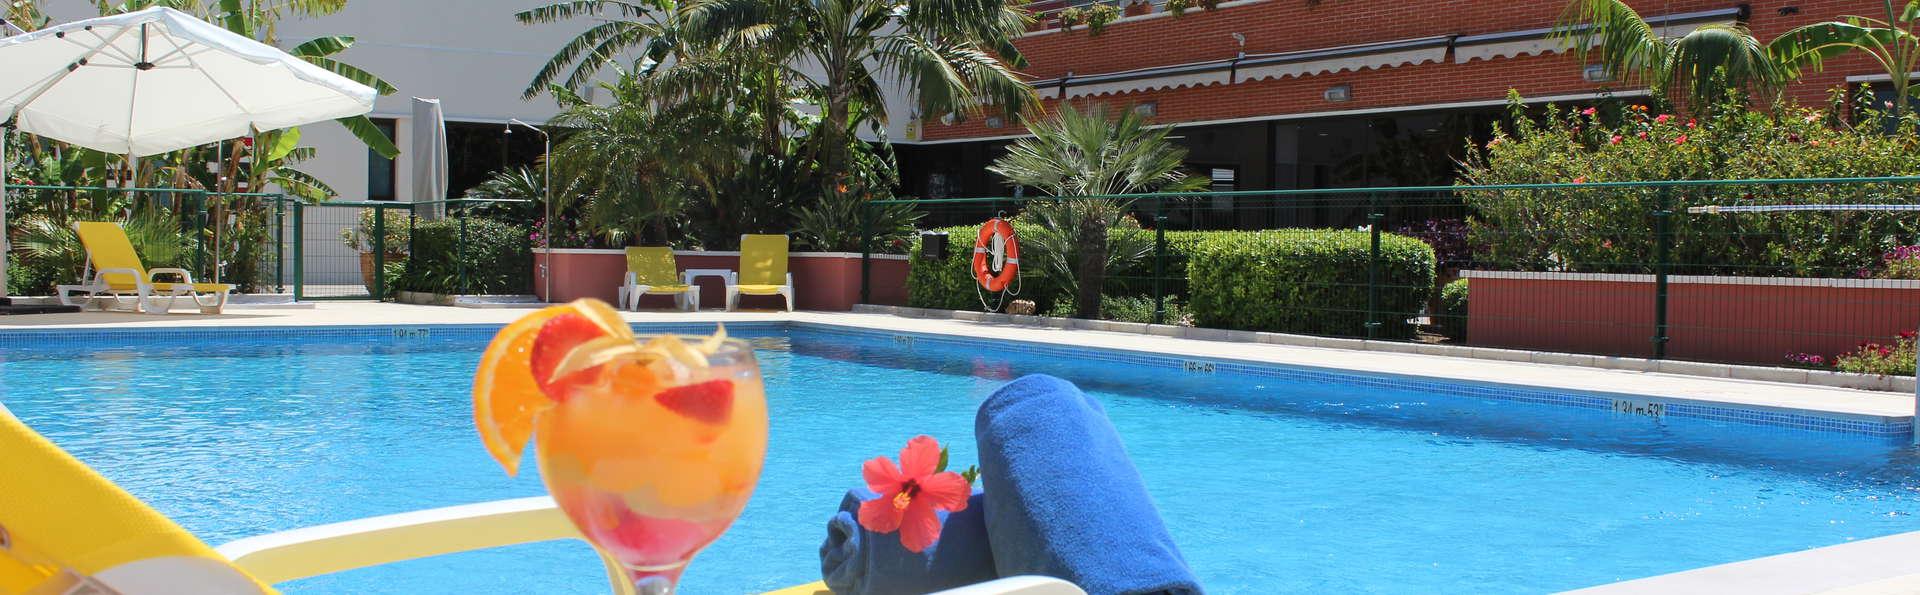 URH - Hilton Garden Inn Málaga - IMG_1150.JPG